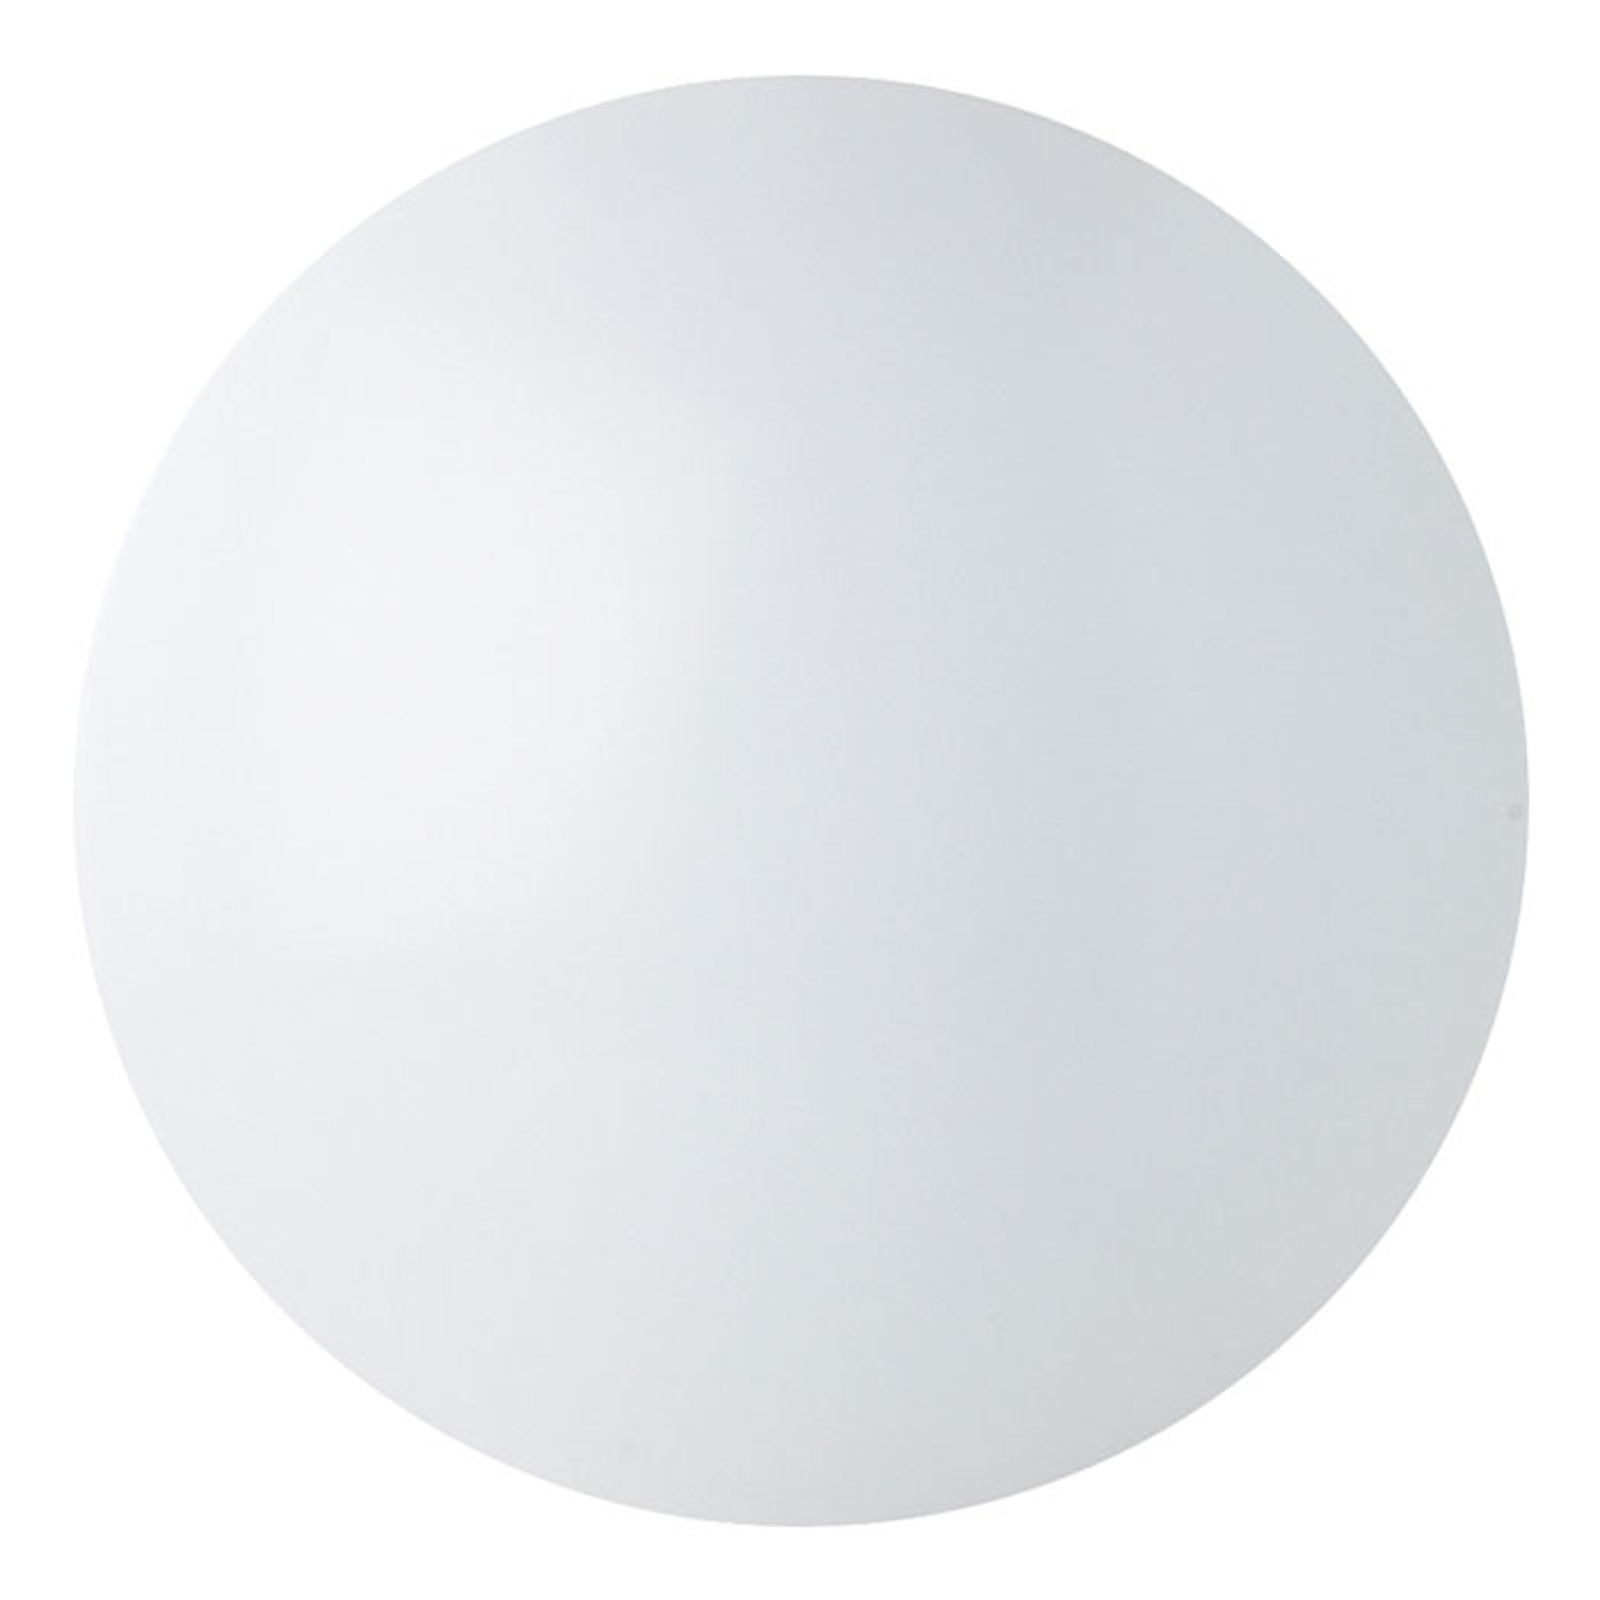 Renzo - runde LED-Deckenleuchte IP44, warmweiß